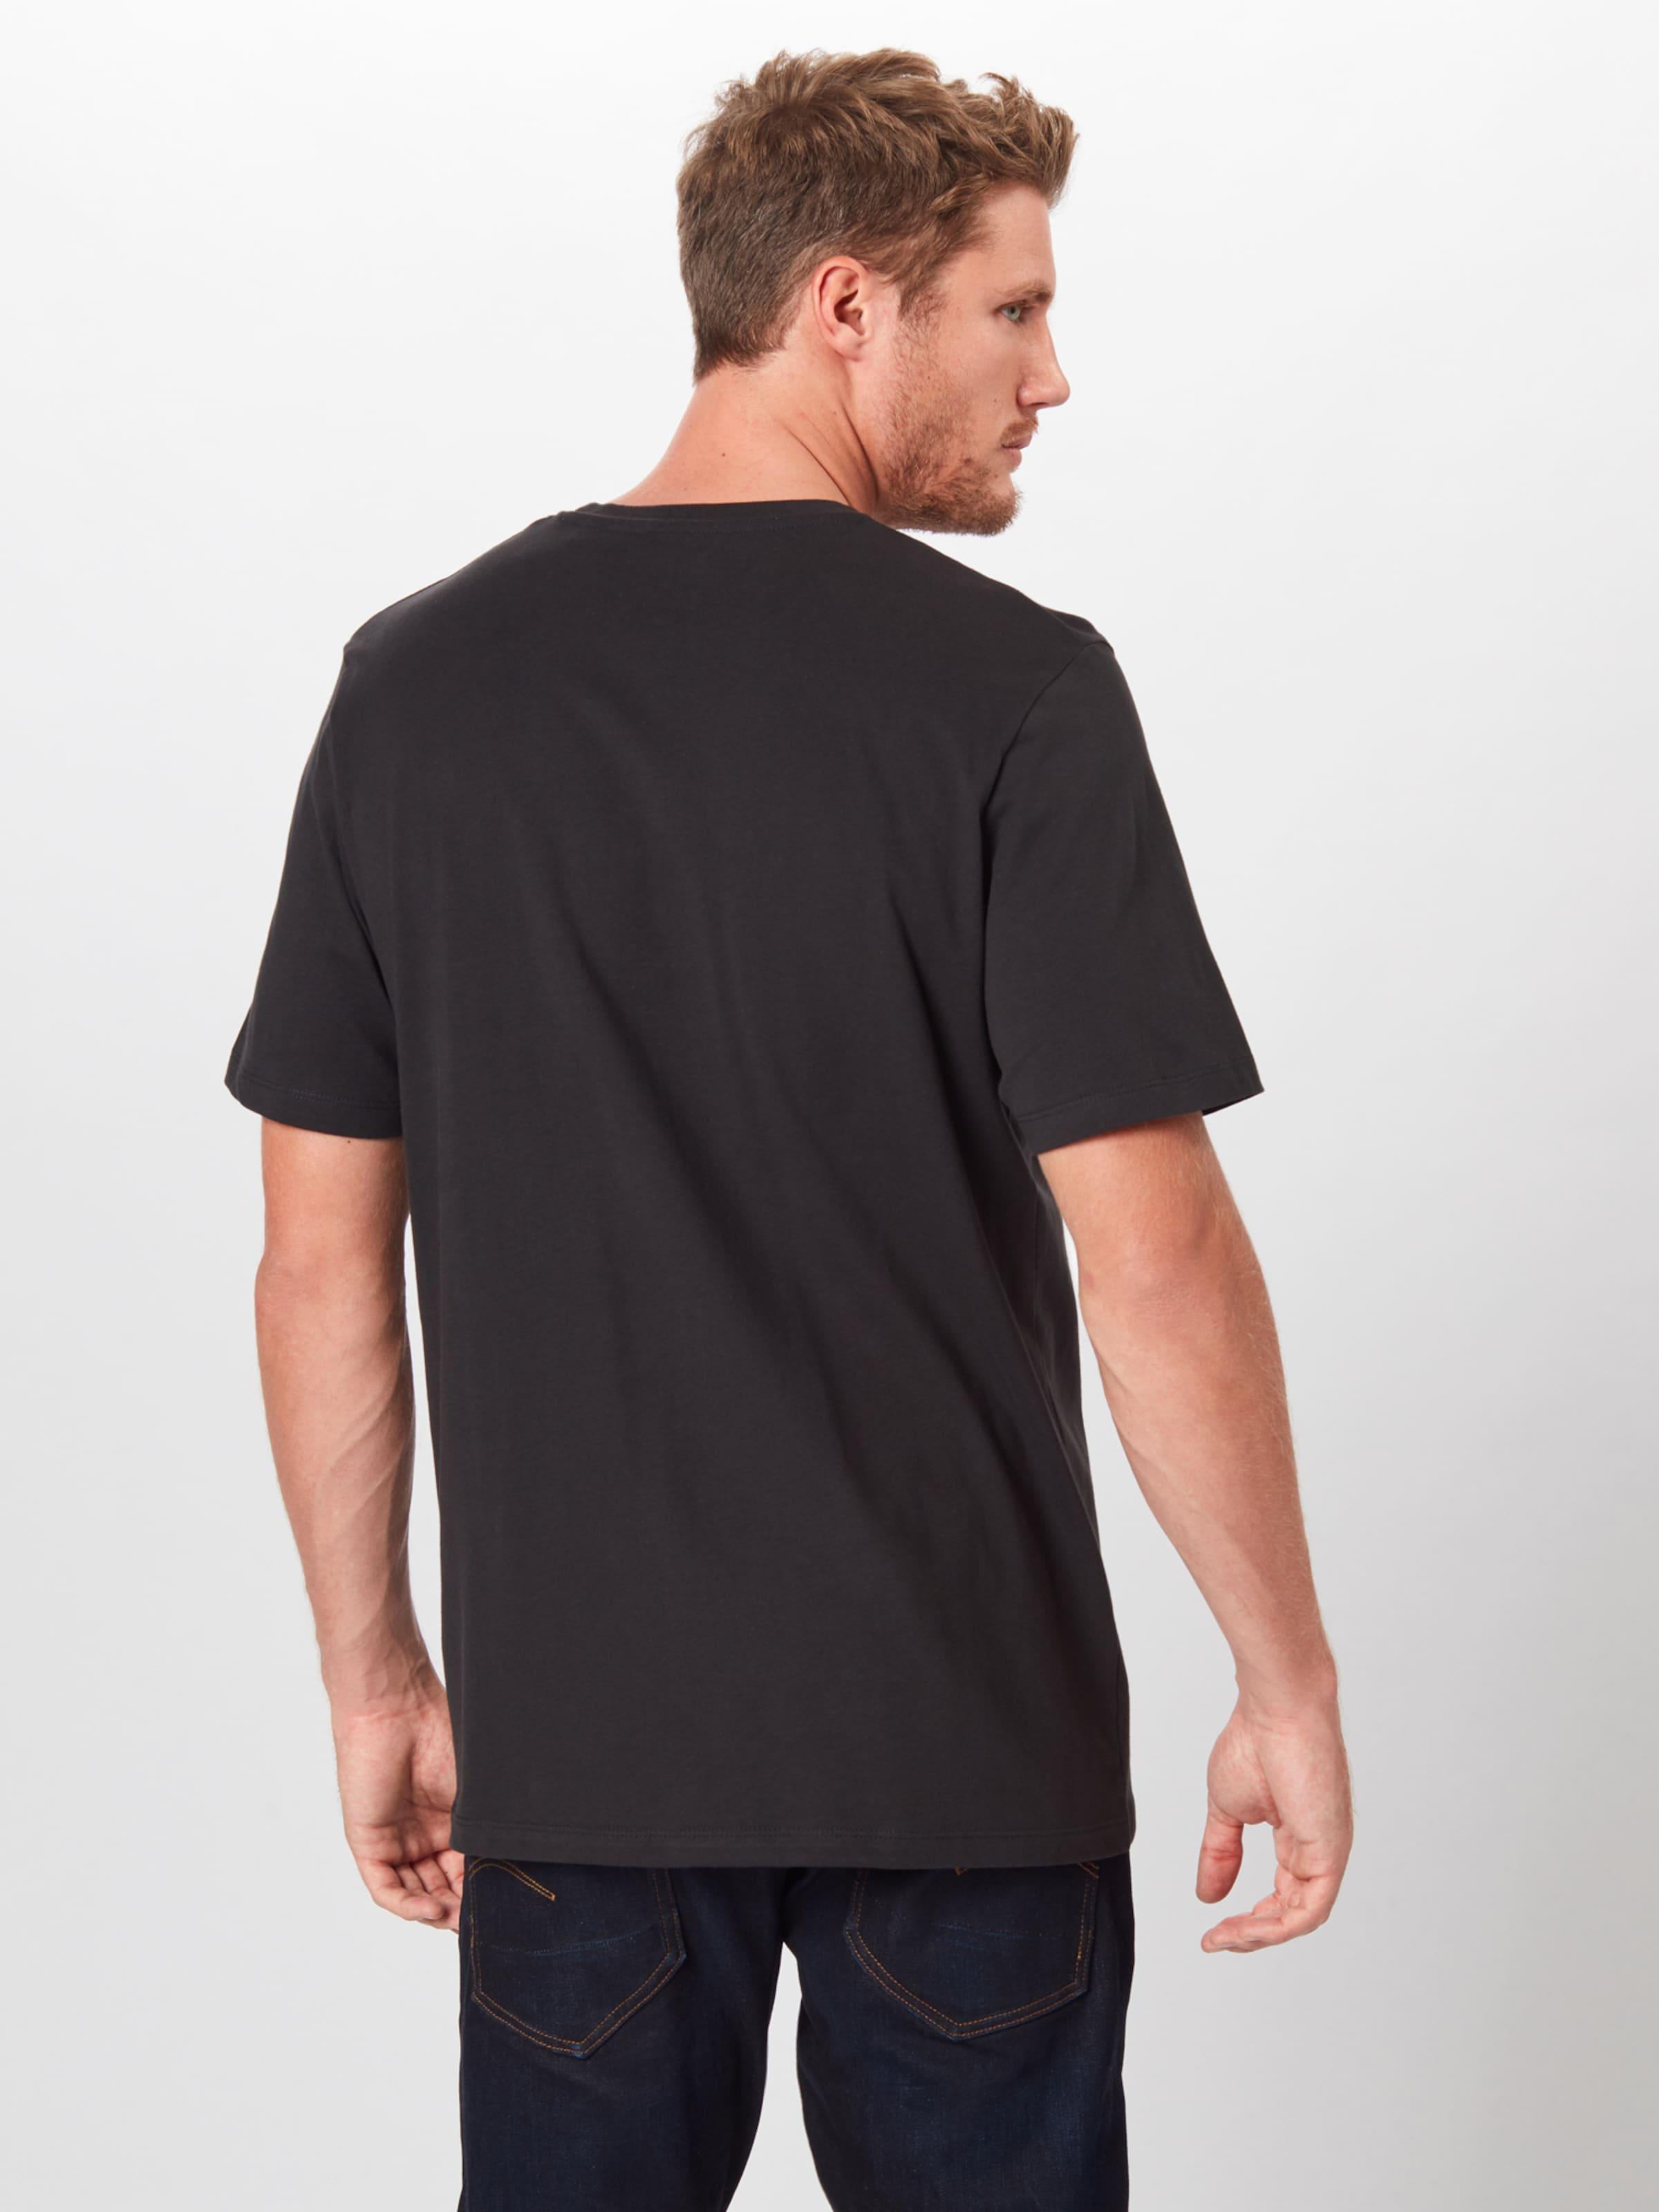 Jones Shirt 'jormorty Jackamp; Tee' In MischfarbenSchwarz iOkZPXuT